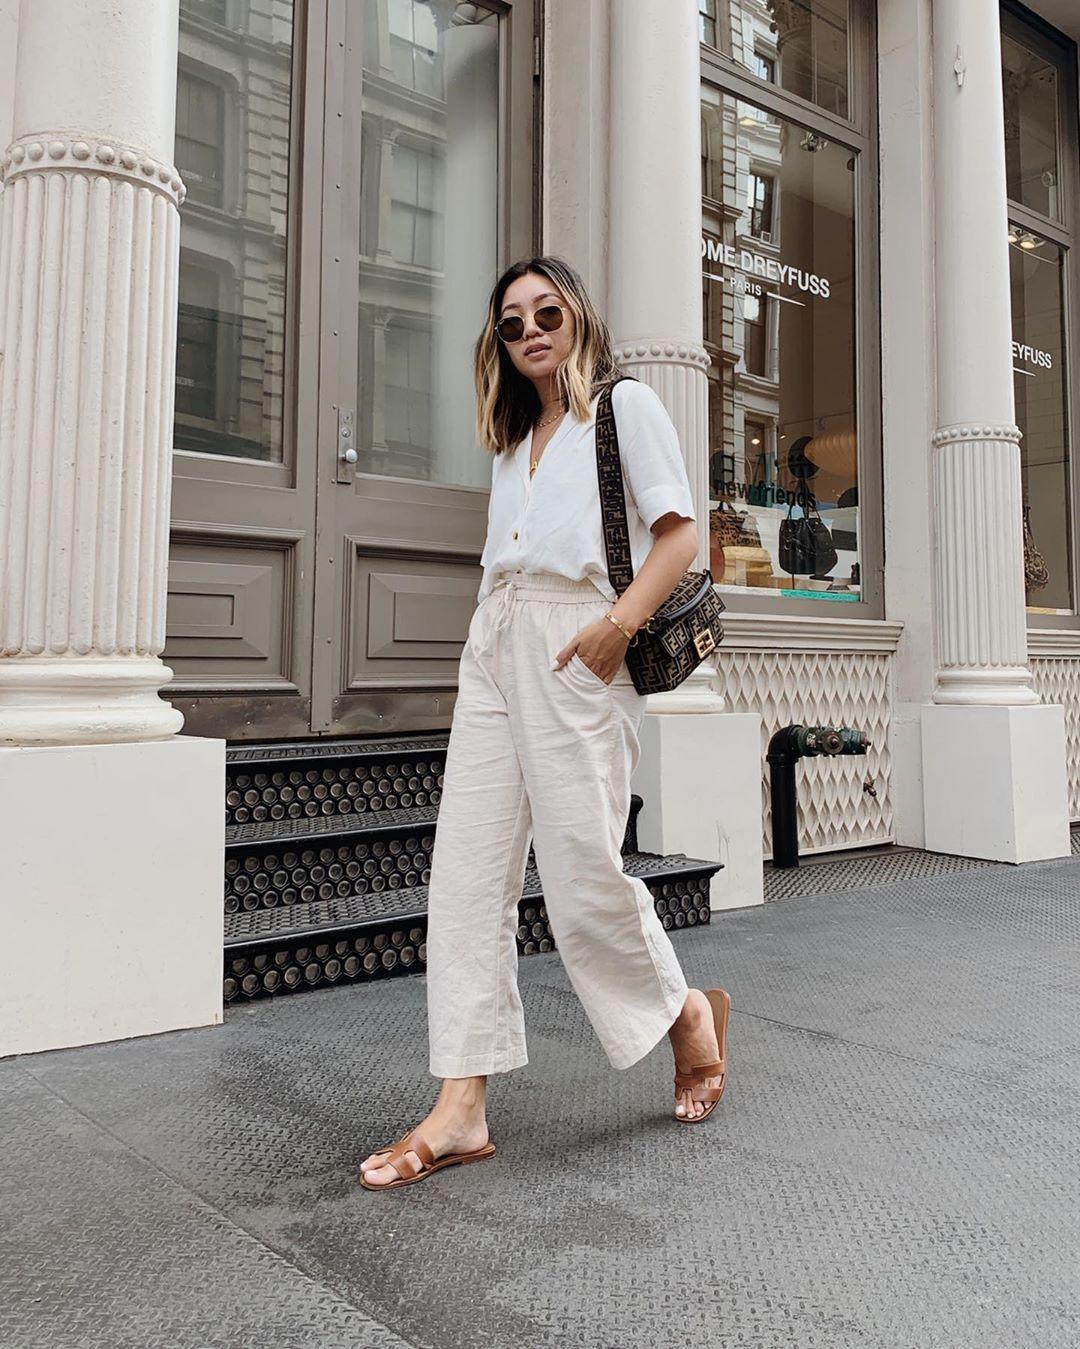 Cô gái mặc đồ trắng mang dép nữ quai ngang màu nâu